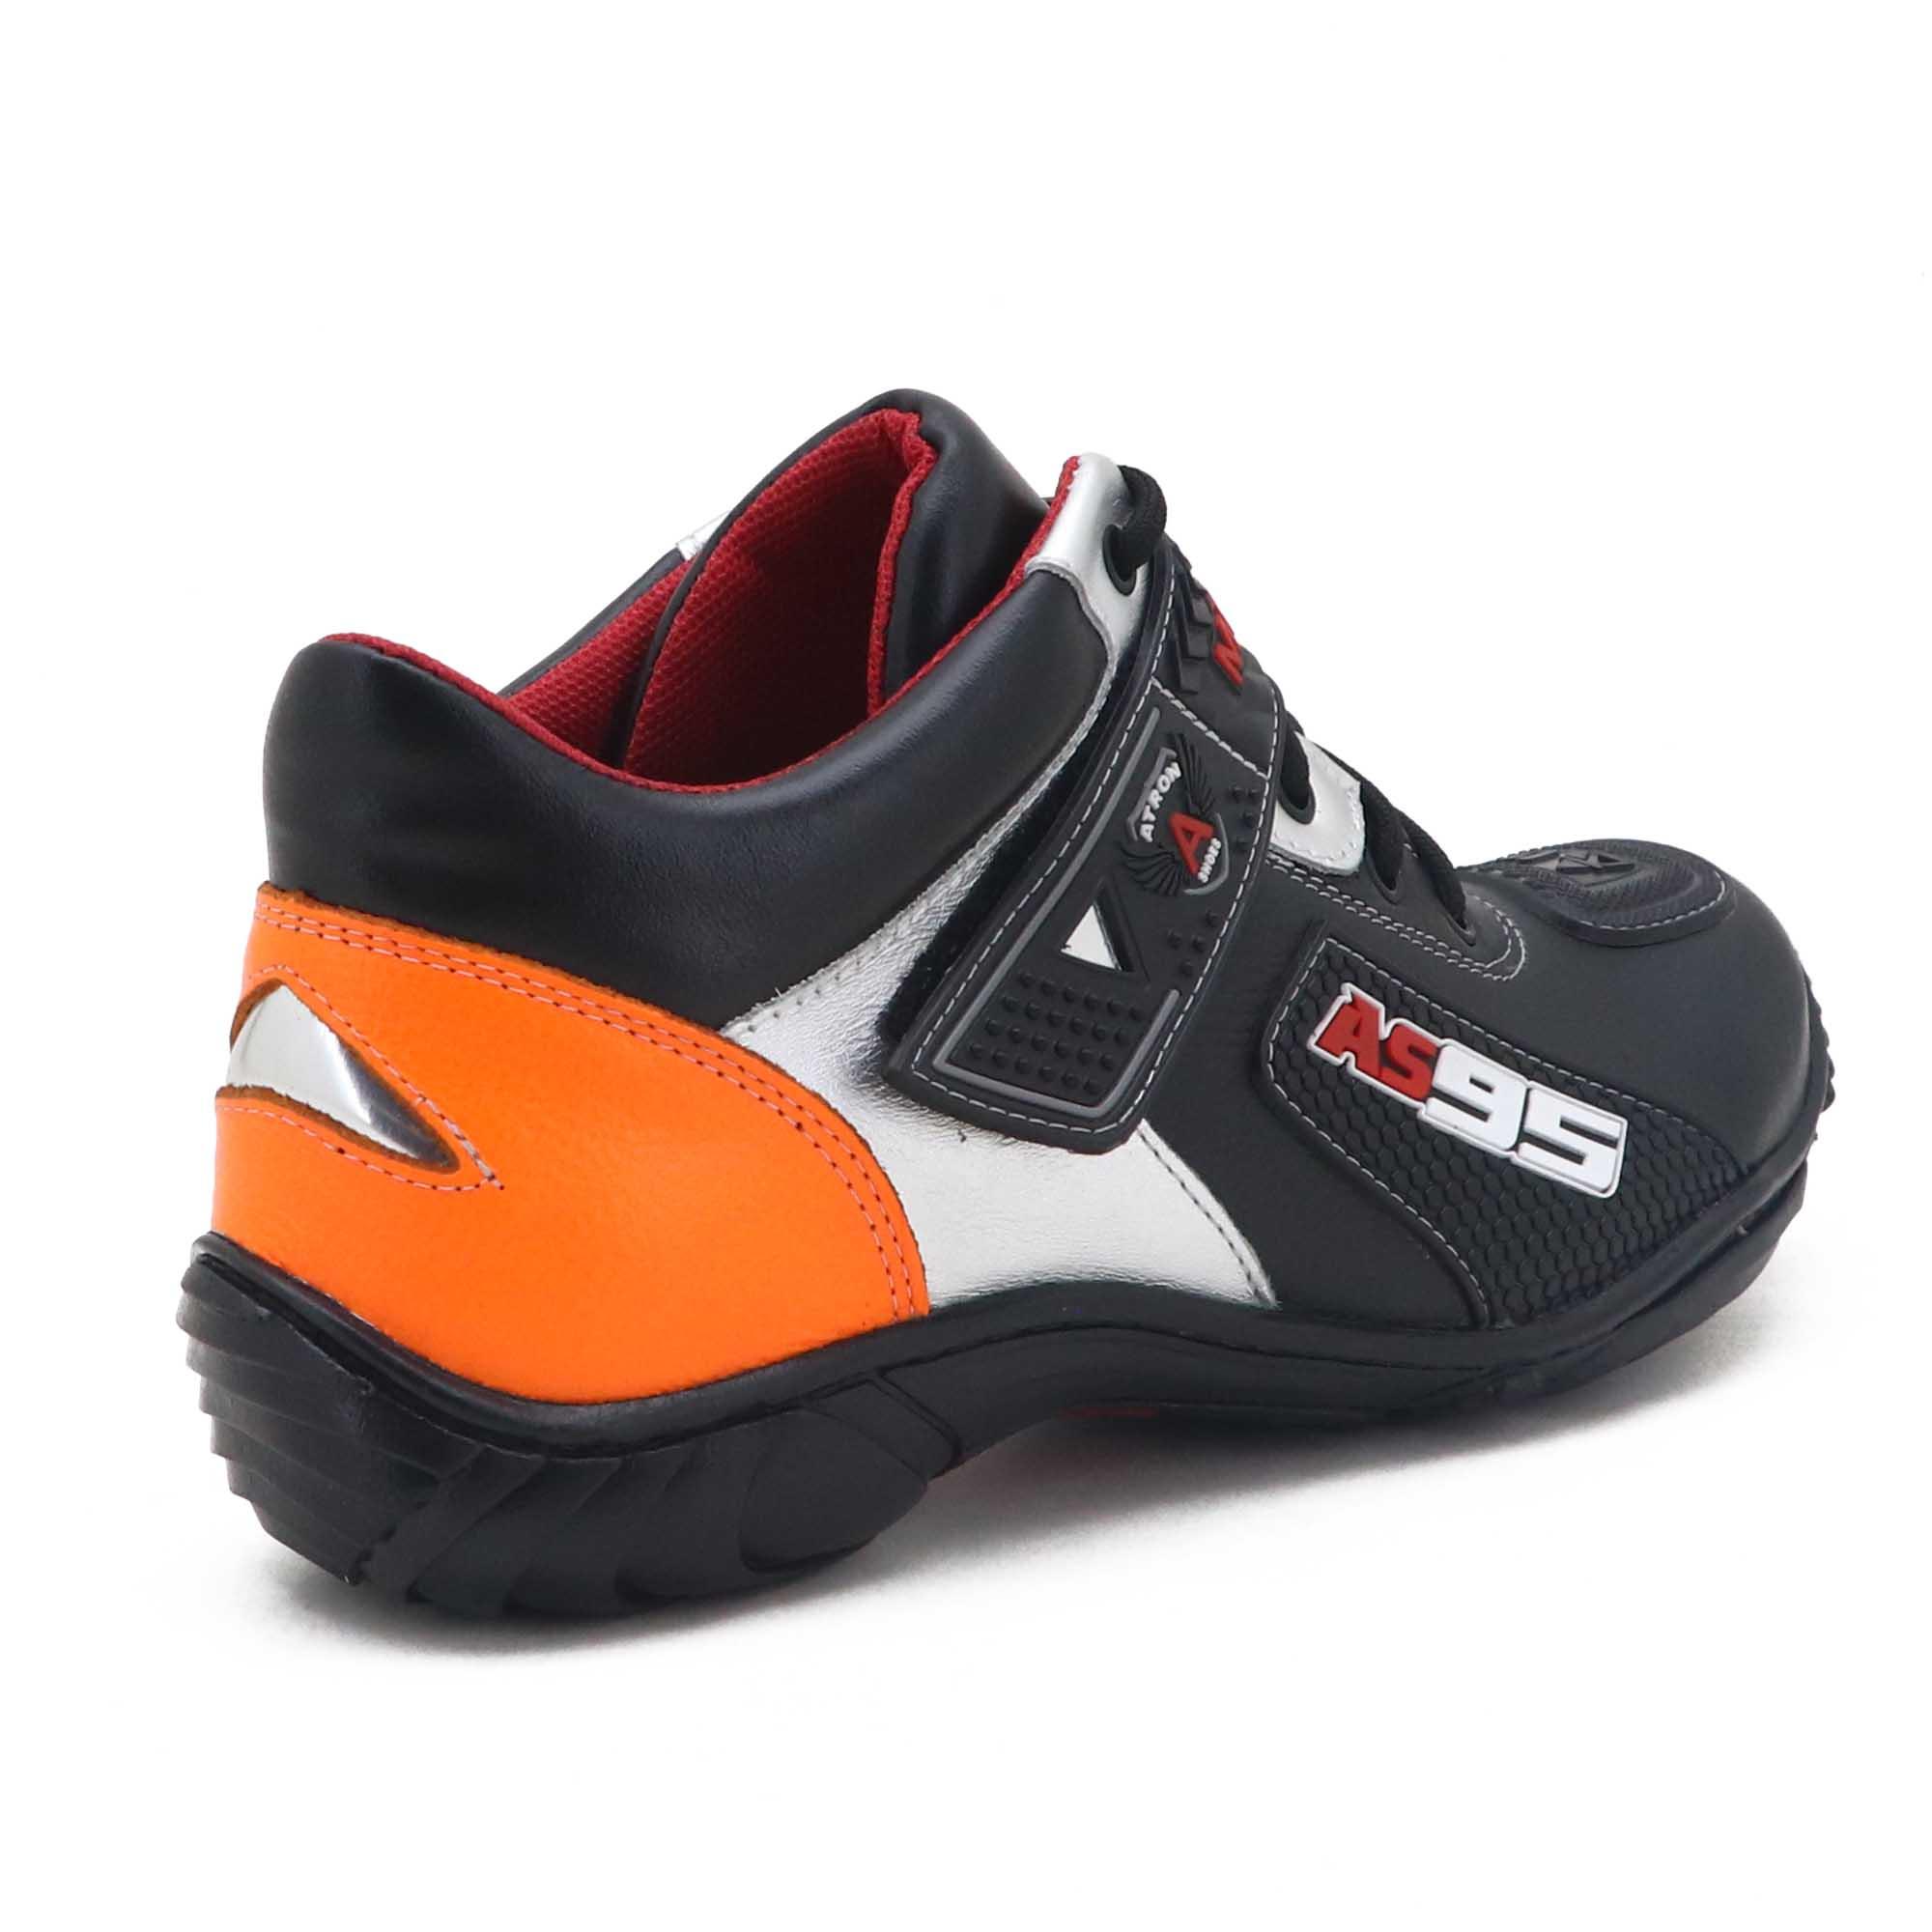 Tênis motociclista em couro legítimo nas cores preto laranja e prata 403